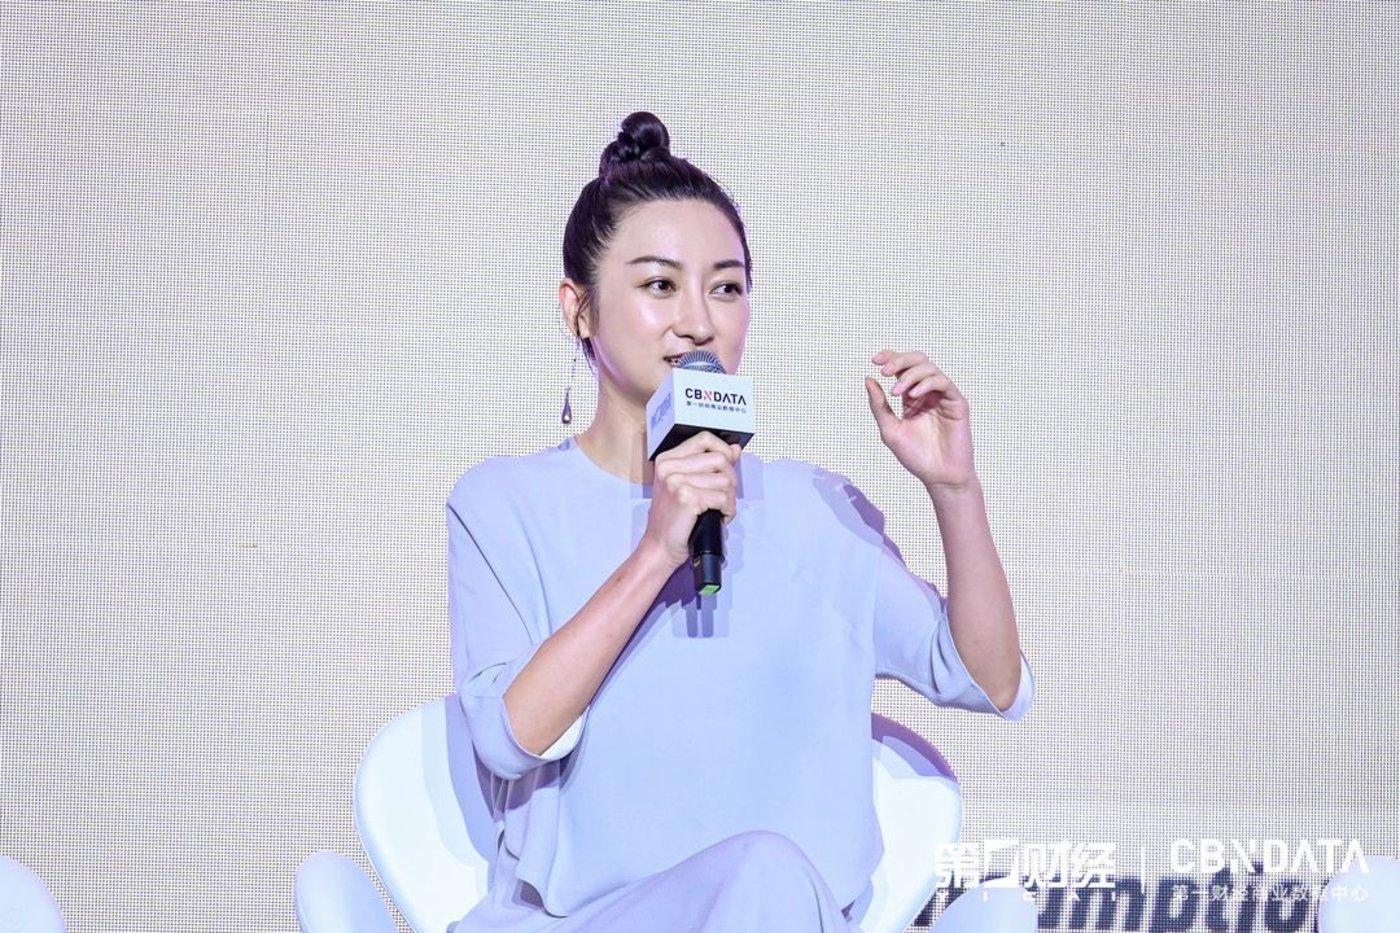 逐本创始人兼CEO 刘倩菲